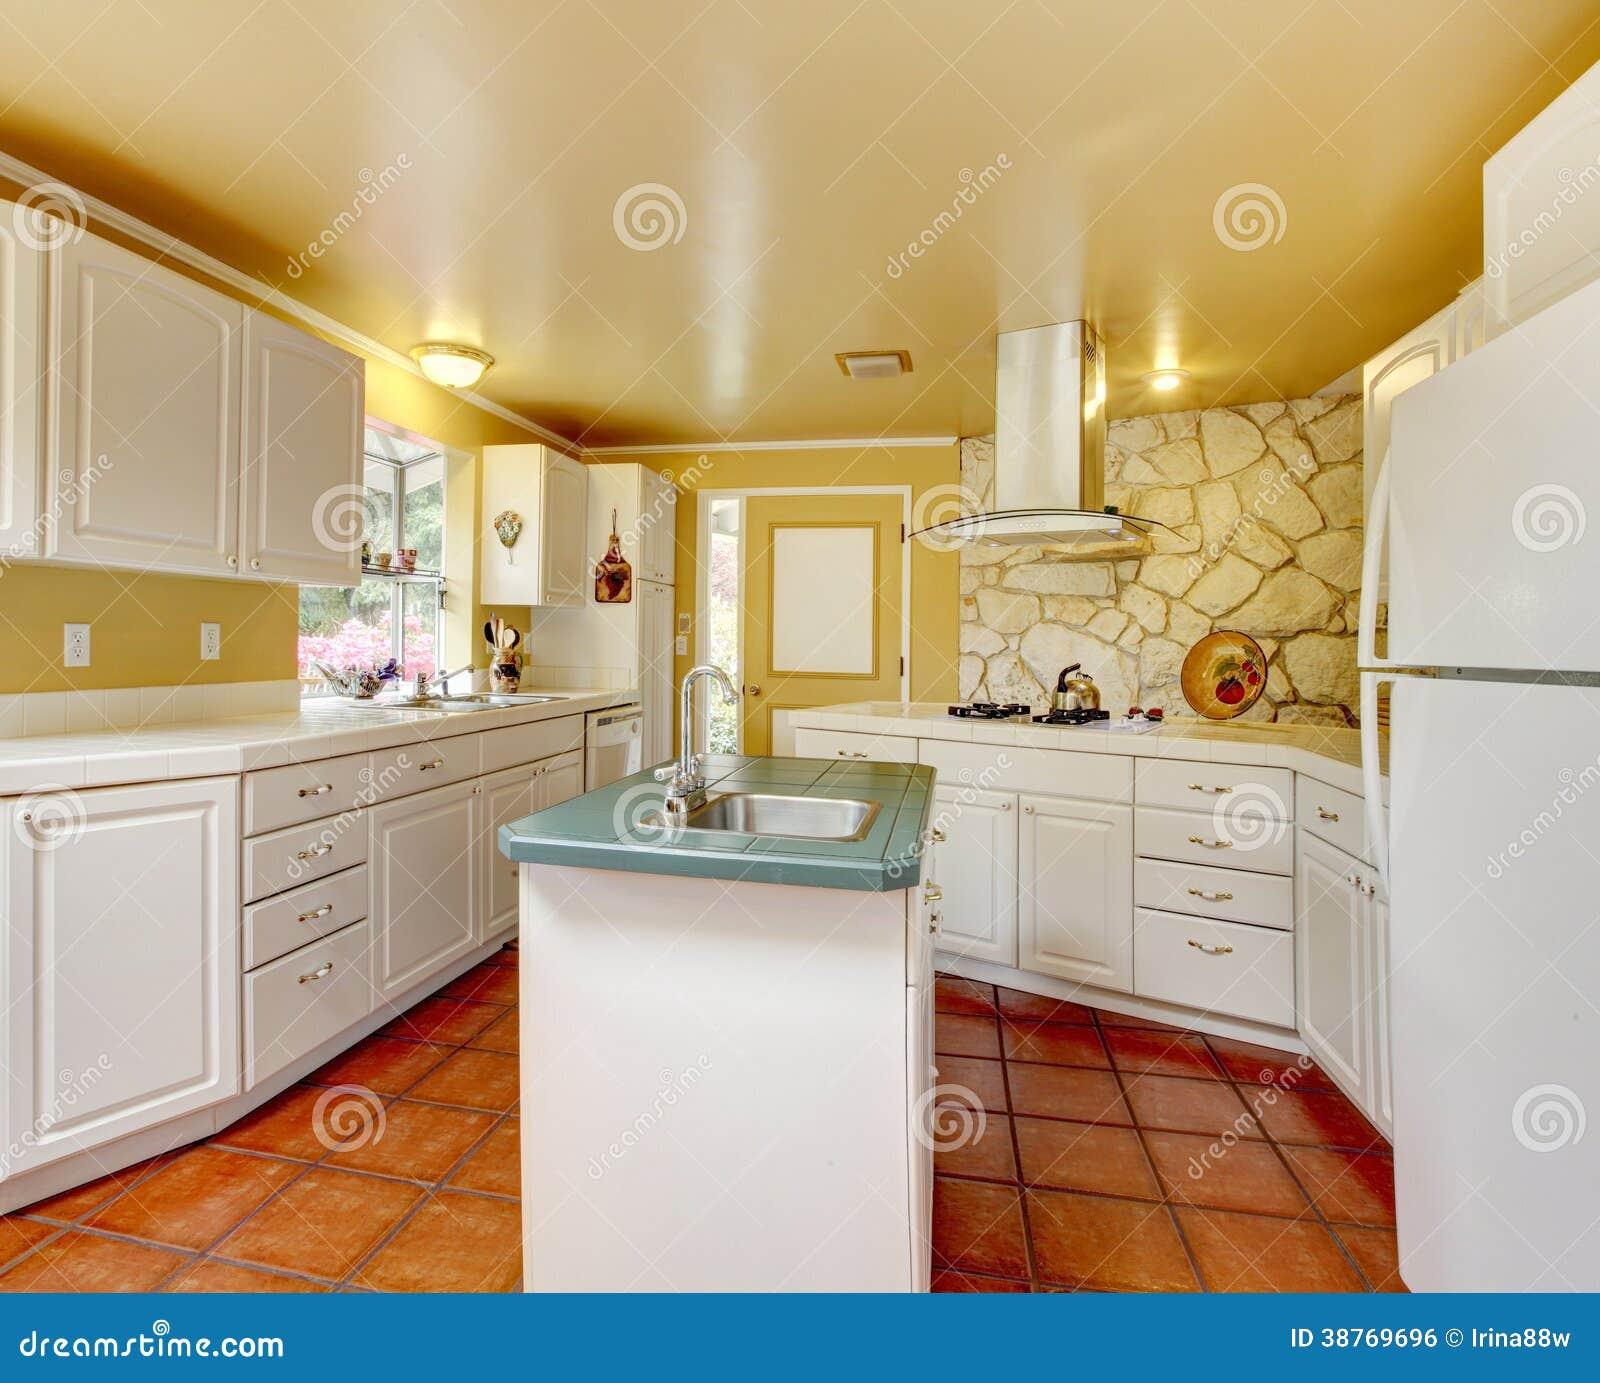 pi ce ene ivoire de cuisine avec le mur en pierre d. Black Bedroom Furniture Sets. Home Design Ideas